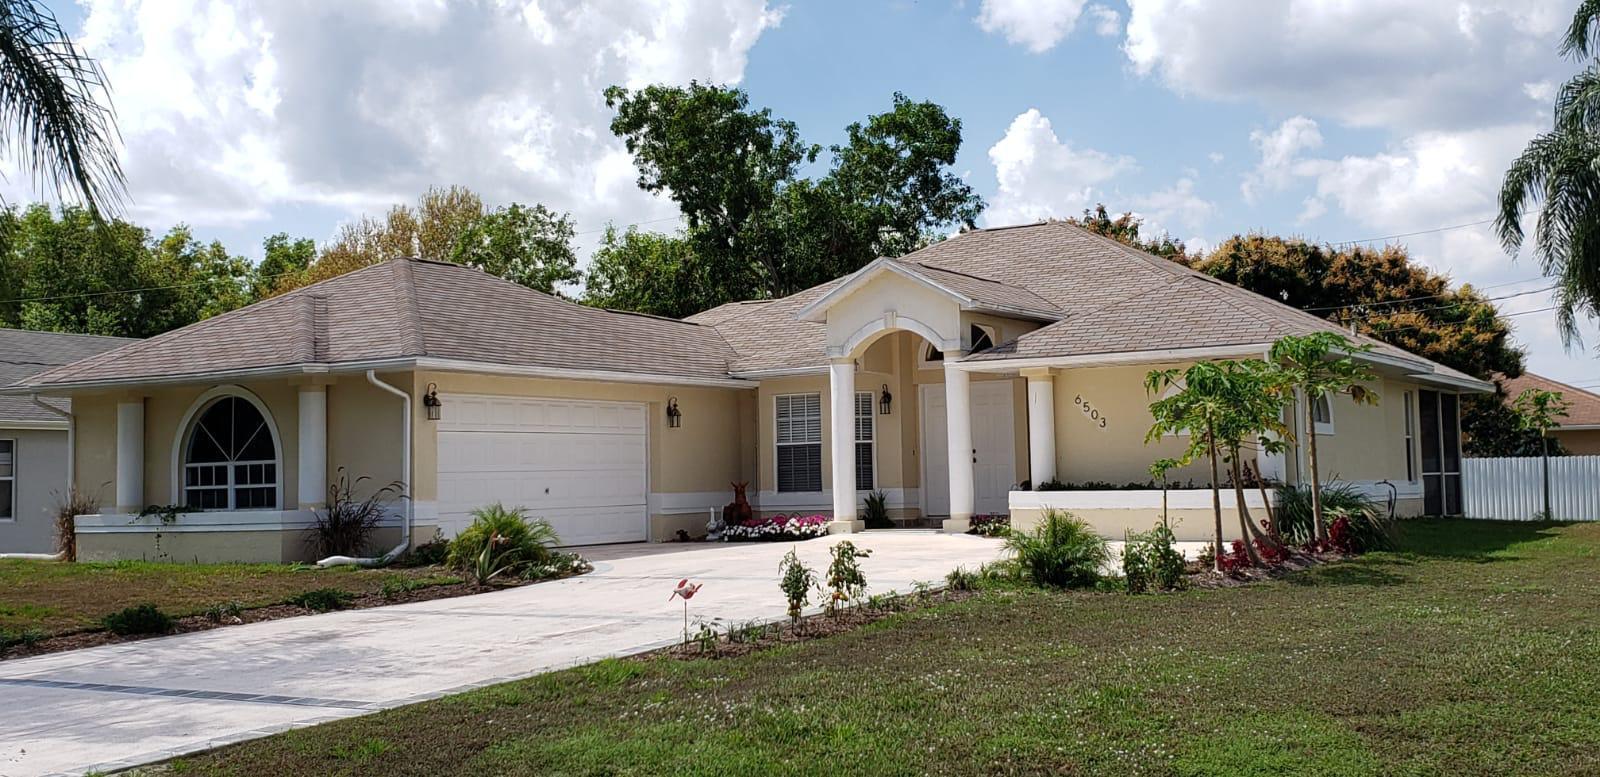 6503 Nw Chugwater Circle, Port Saint Lucie, FL 34983